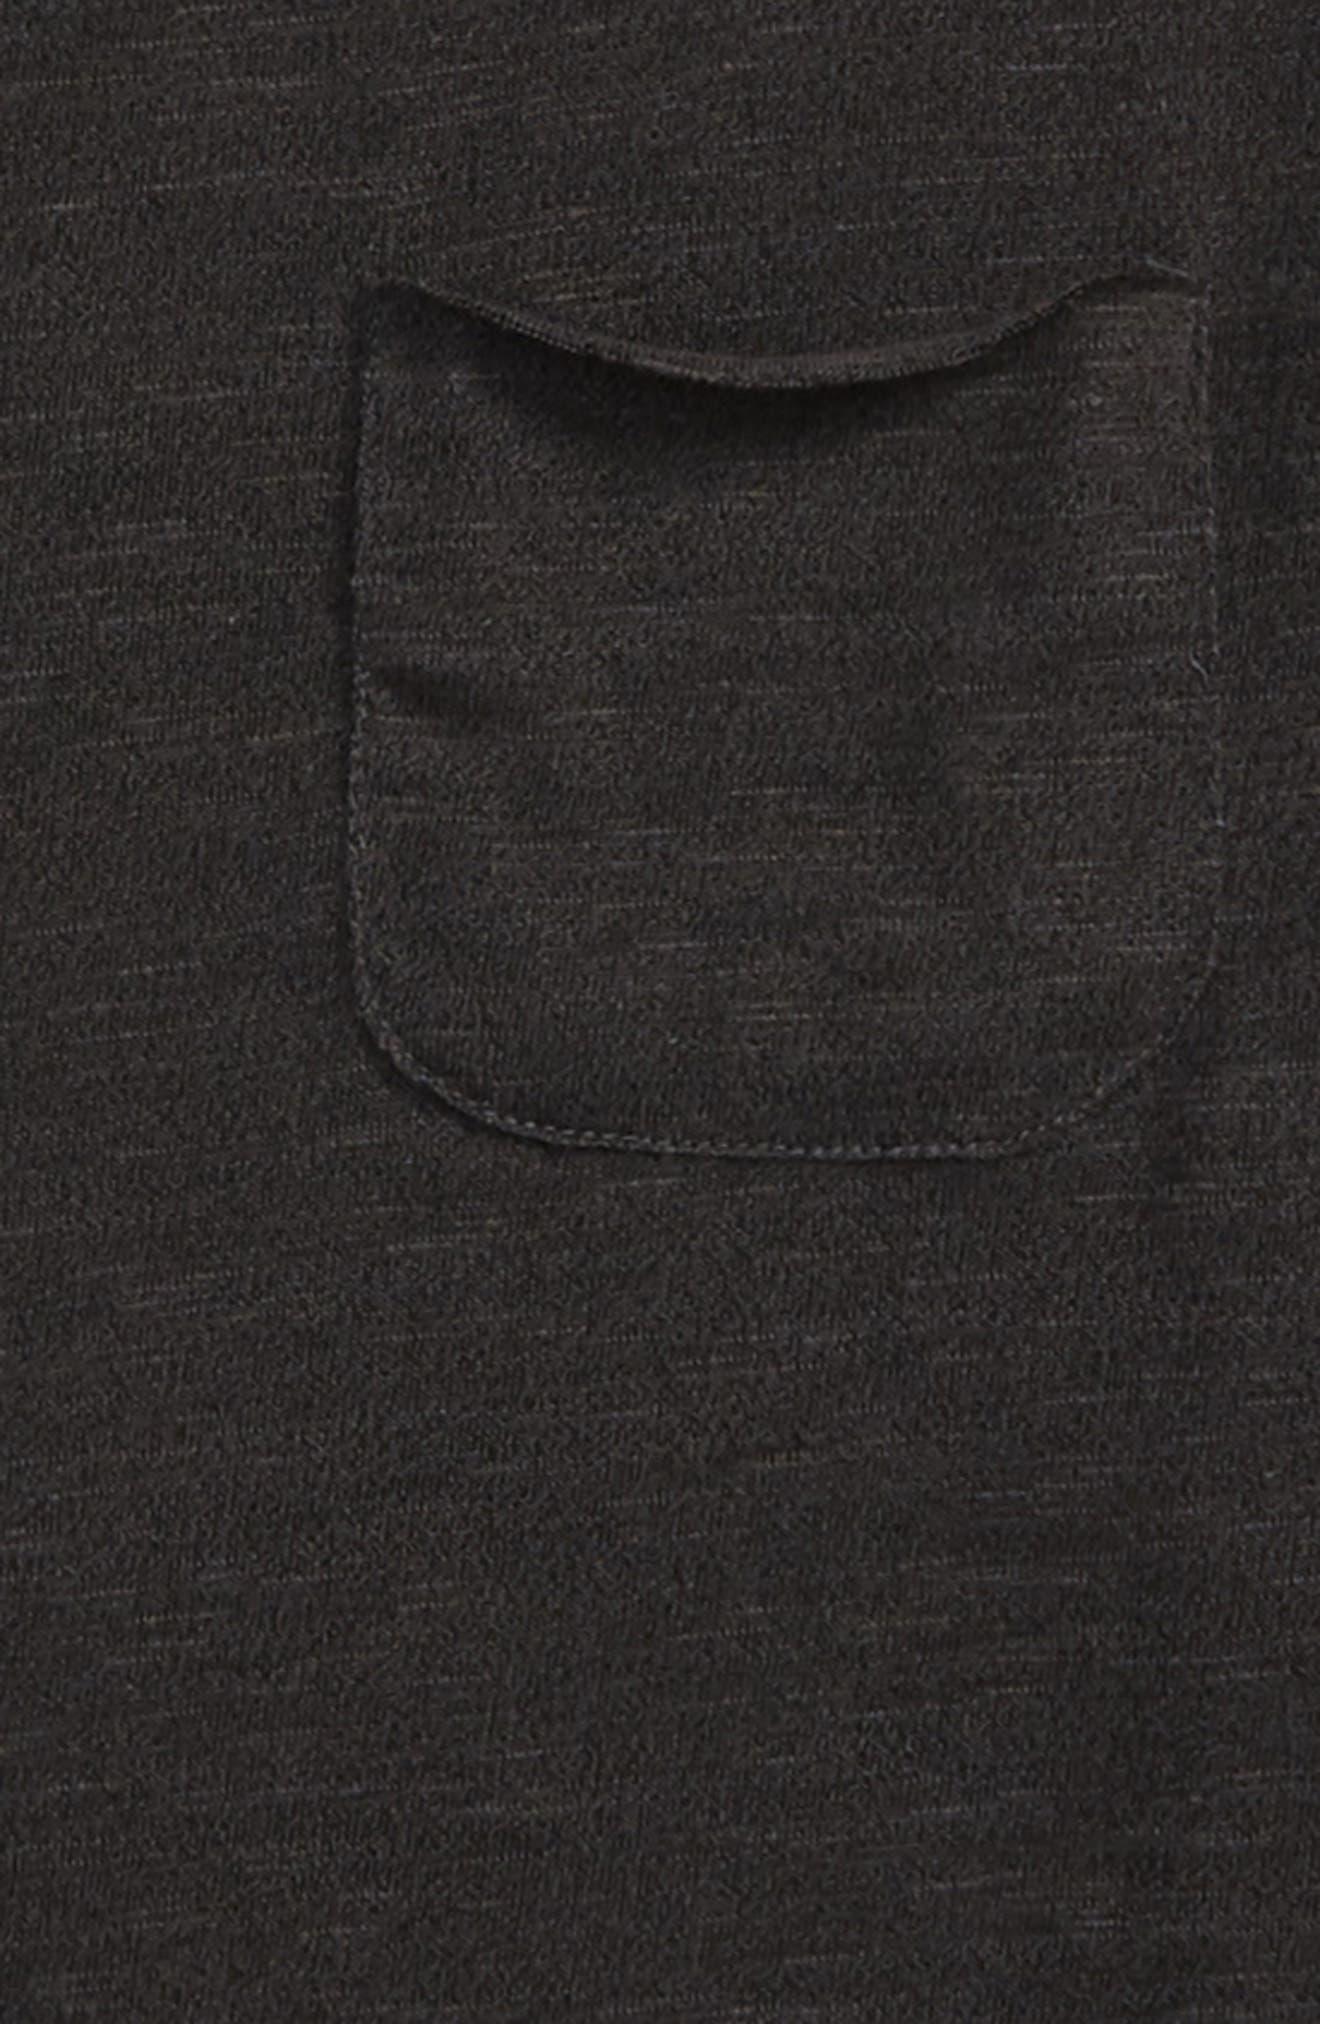 Pocket T-Shirt,                             Alternate thumbnail 2, color,                             021